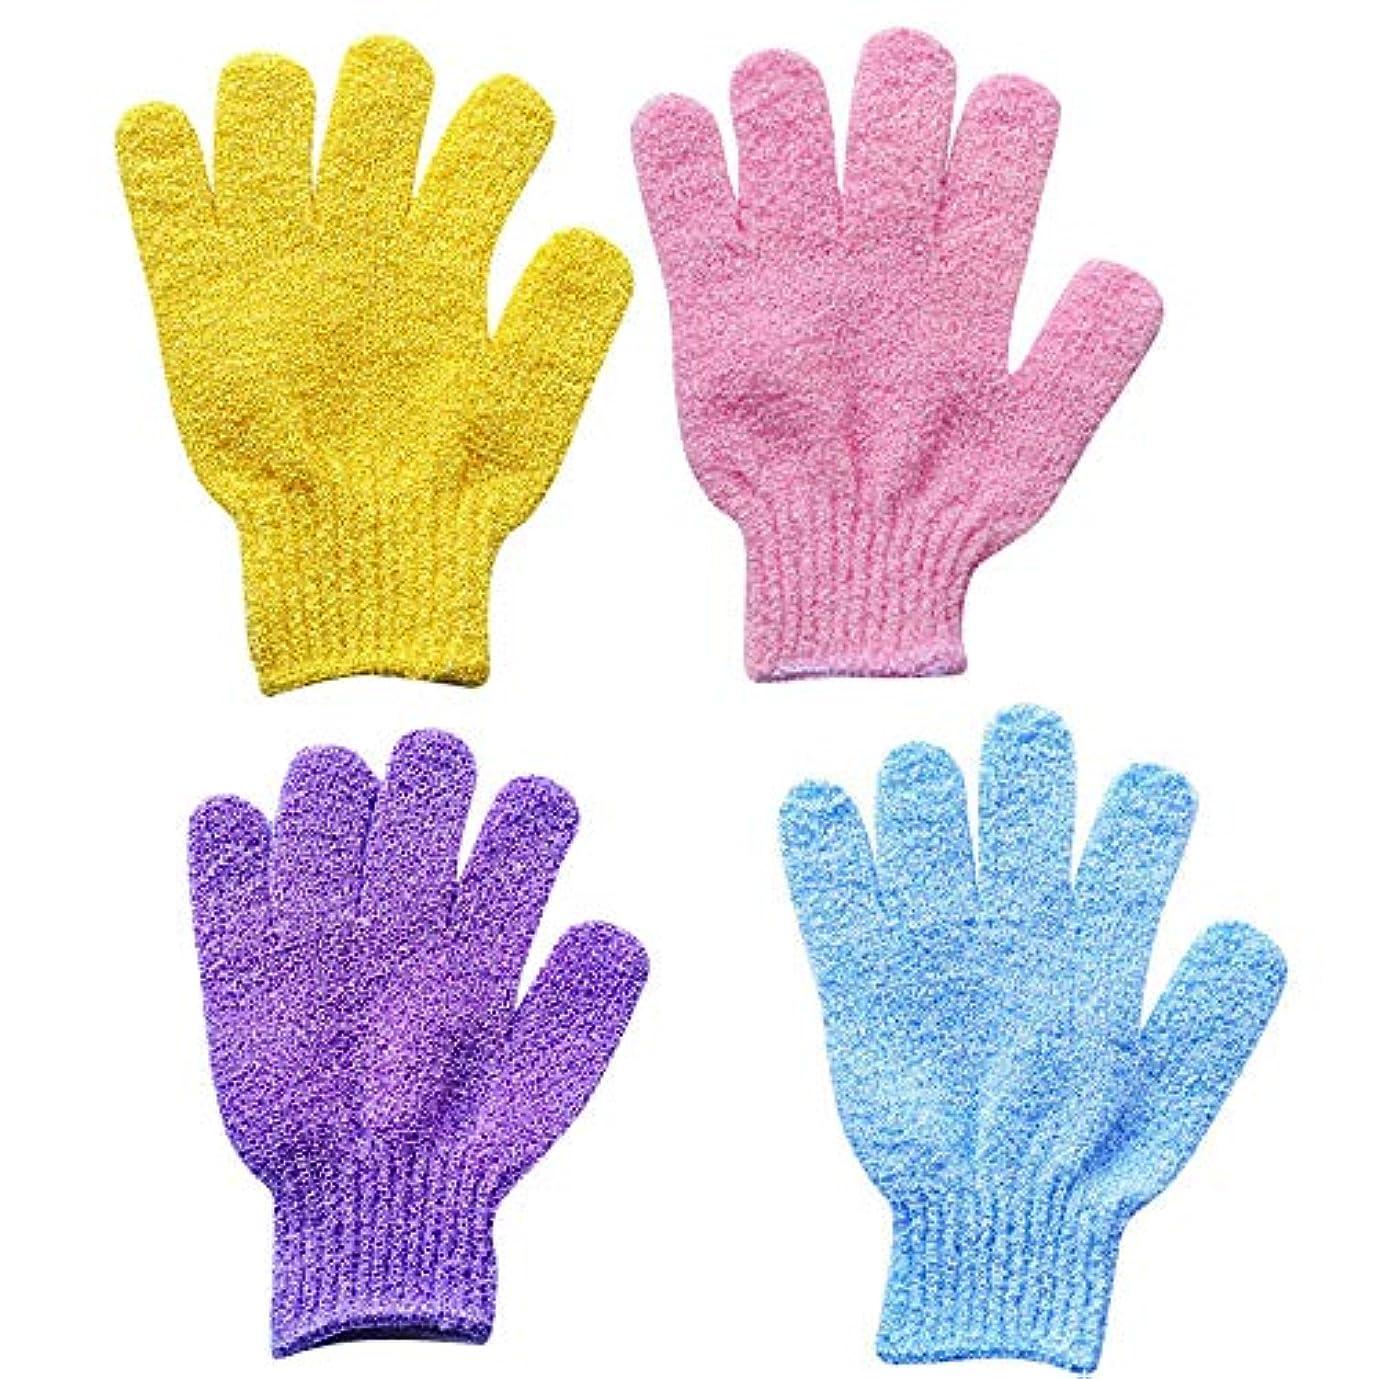 振り子楽しい触覚Littleliving 浴用手袋 ボディタオル 入浴用品 バス用品 垢すり手袋 五本指 毛穴清潔 角質除去 8枚セット